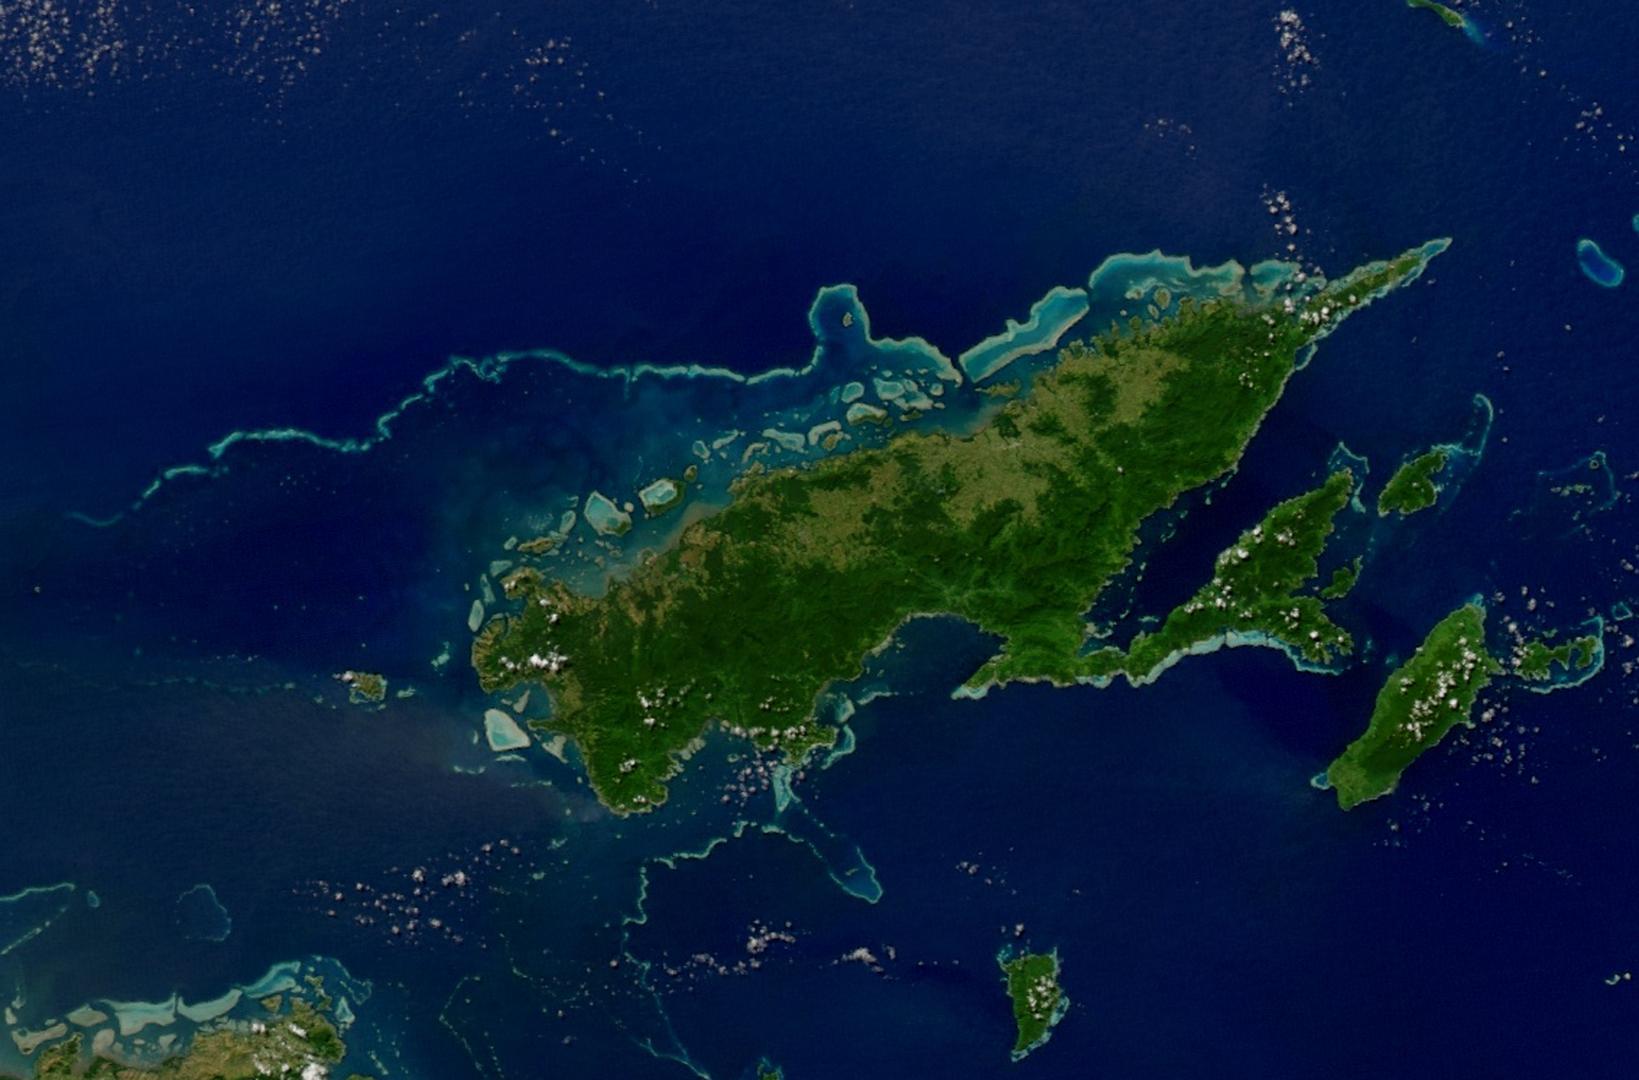 زلزال بقوة 6.7 درجة قرب سواحل فيجي في المحيط الهادئ